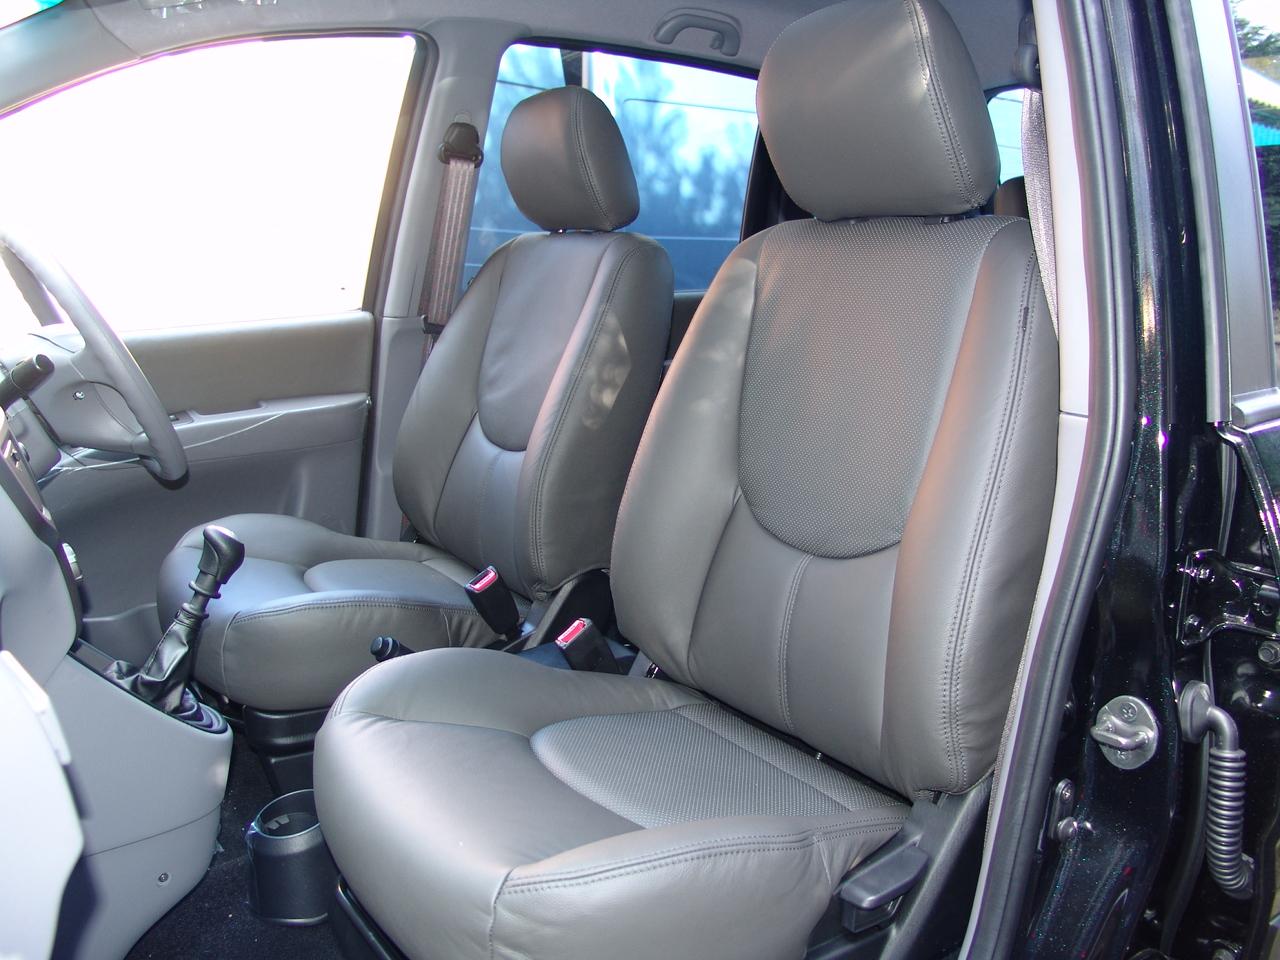 Hyundai hyundai matrix : Hyundai Matrix - OEM design - Seat Surgeons